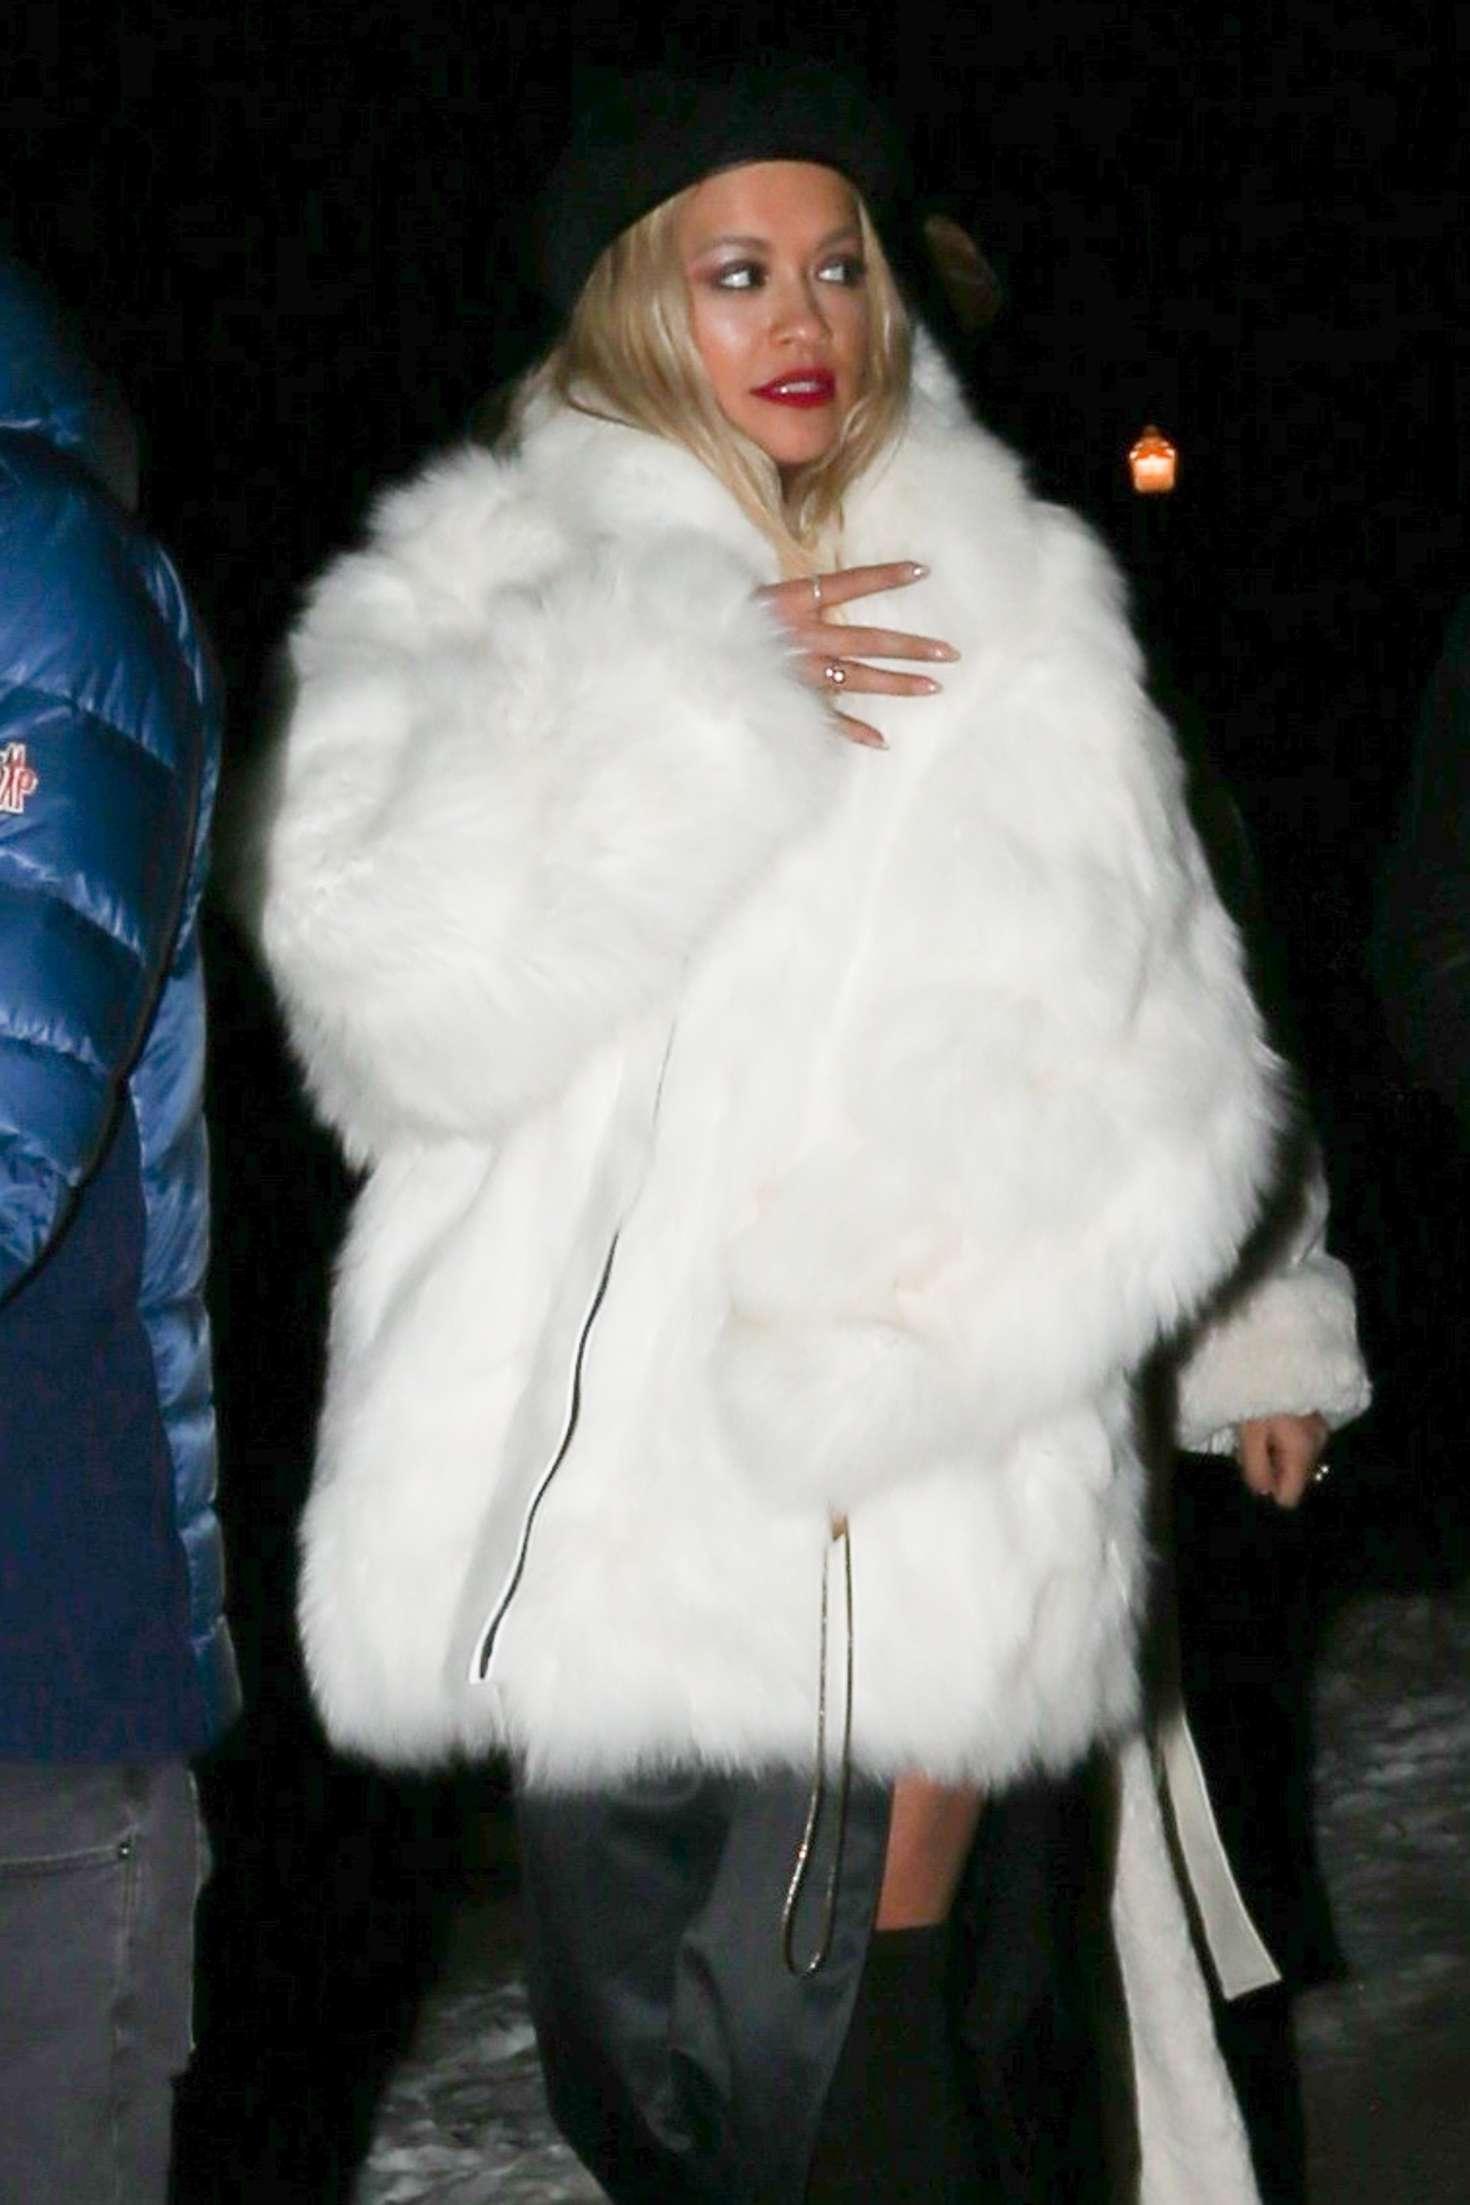 Rita Ora in White Fur Coat  Night out in Aspen